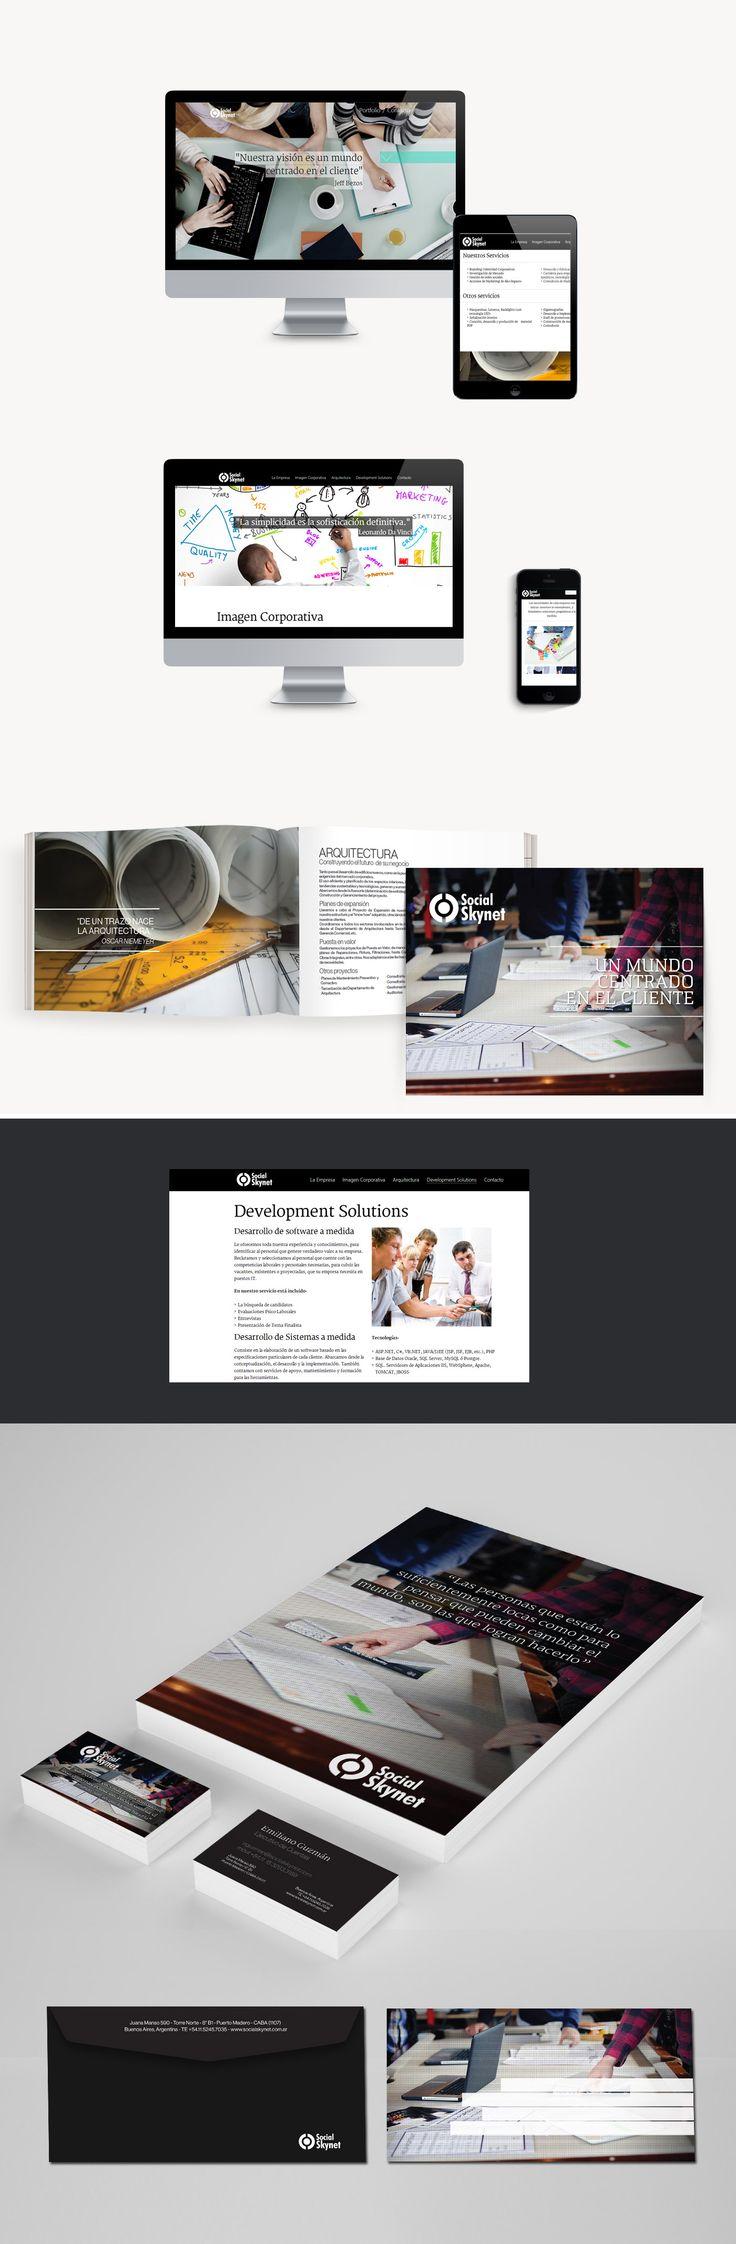 En DOMO le diseñamos, partiendo de su marca, toda la identidad visual de de empresa, carpetas, catálogos, papelería, folletos. También le desarrollamos y diseñamos su página web utilizando HTML5 parallax totalmente adaptativo.